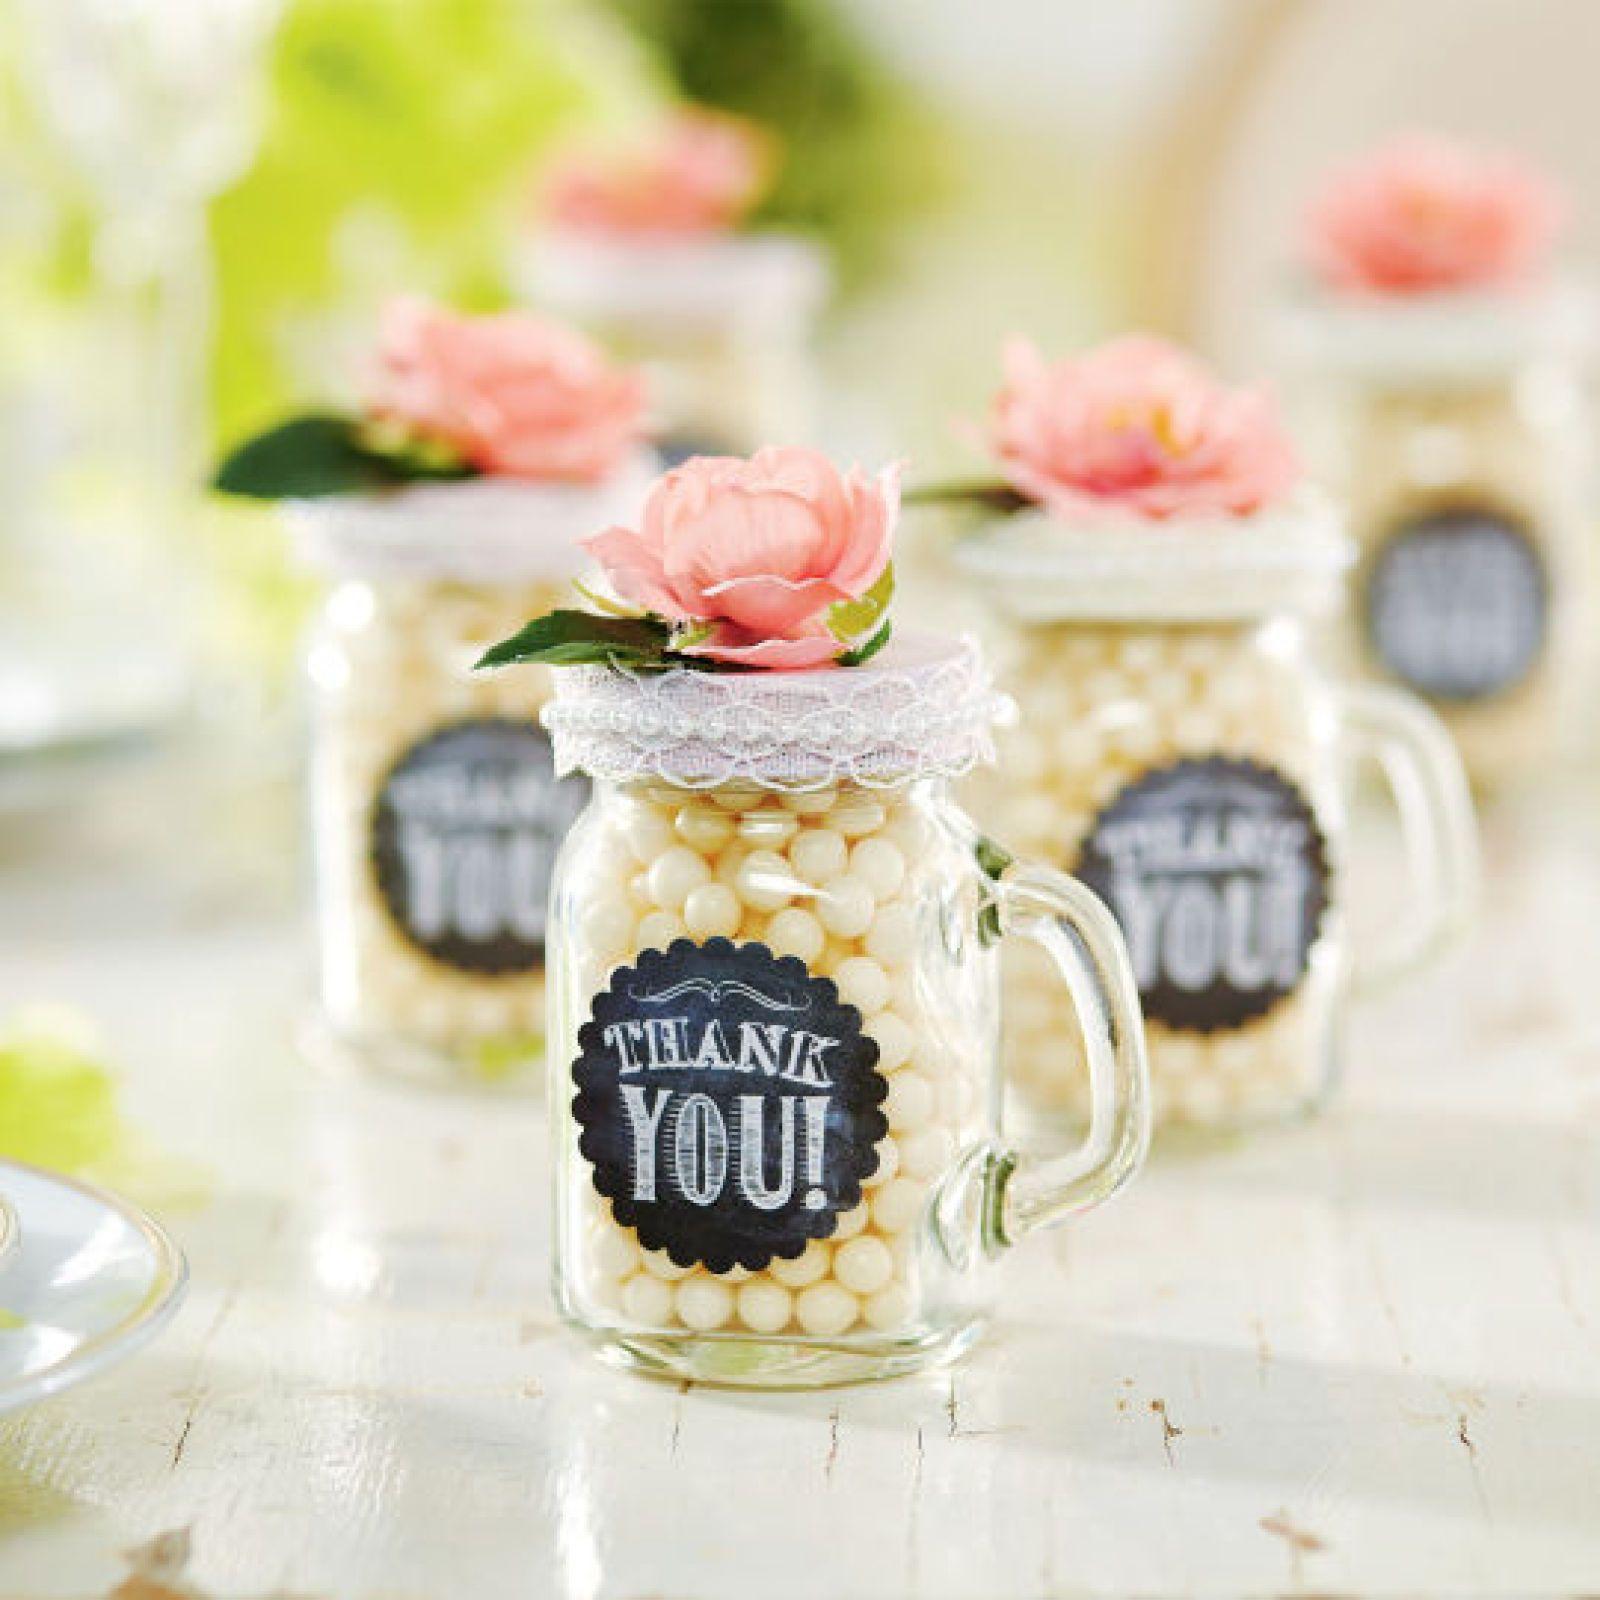 Mini Mason Jar Mug Favors Perfect For Holiday Gifts